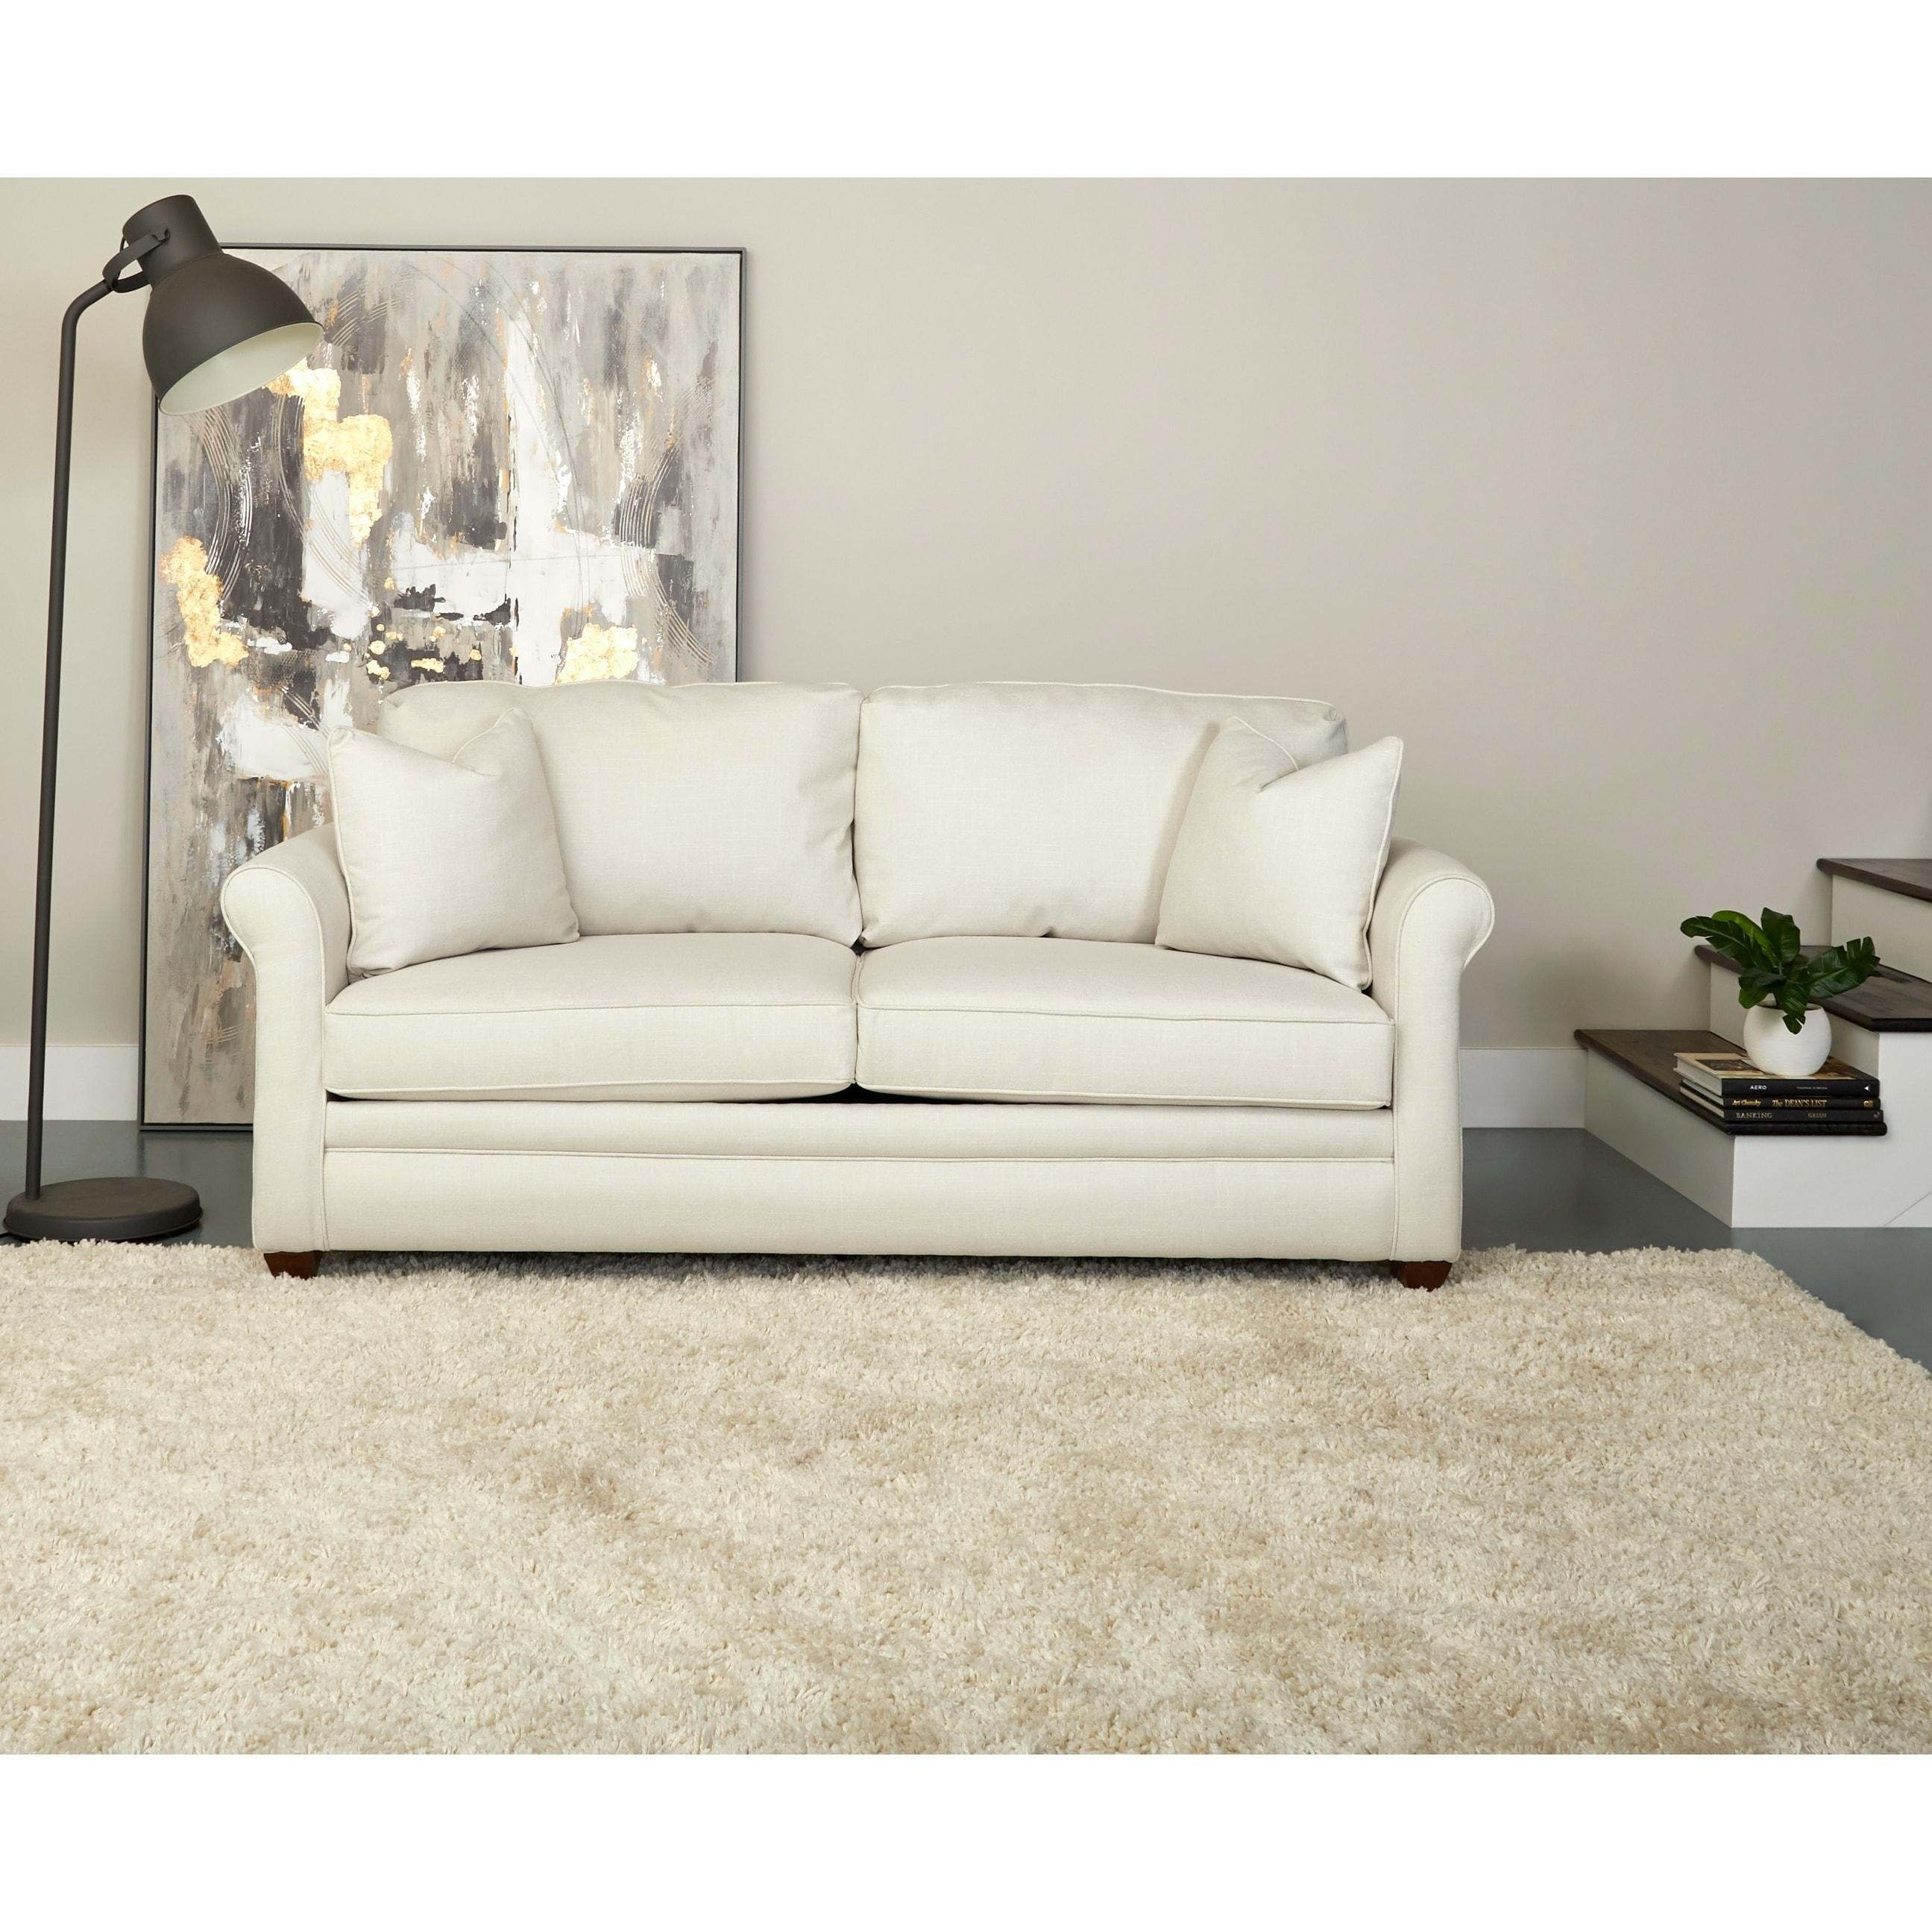 - Shop Dalton Sleeper Sofa, Queen-size - Overstock - 29158916